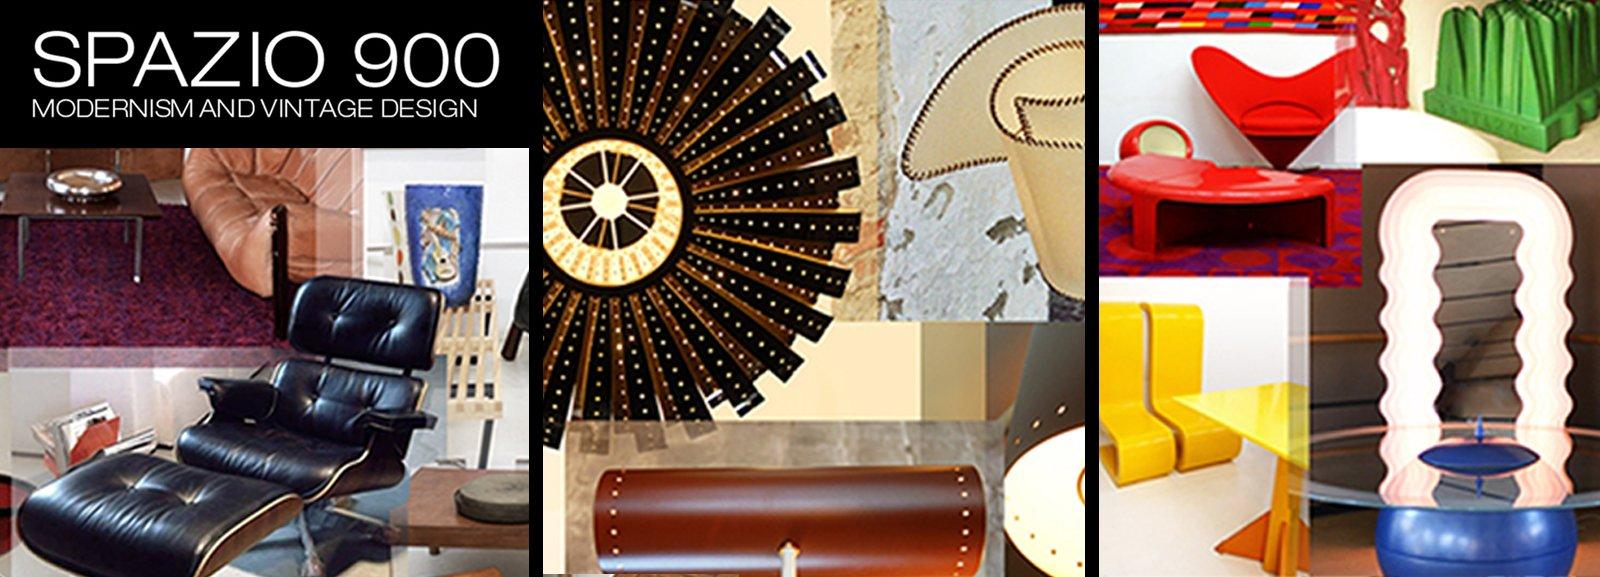 Il design anche vintage e di modernariato vendita for Modernariato e design